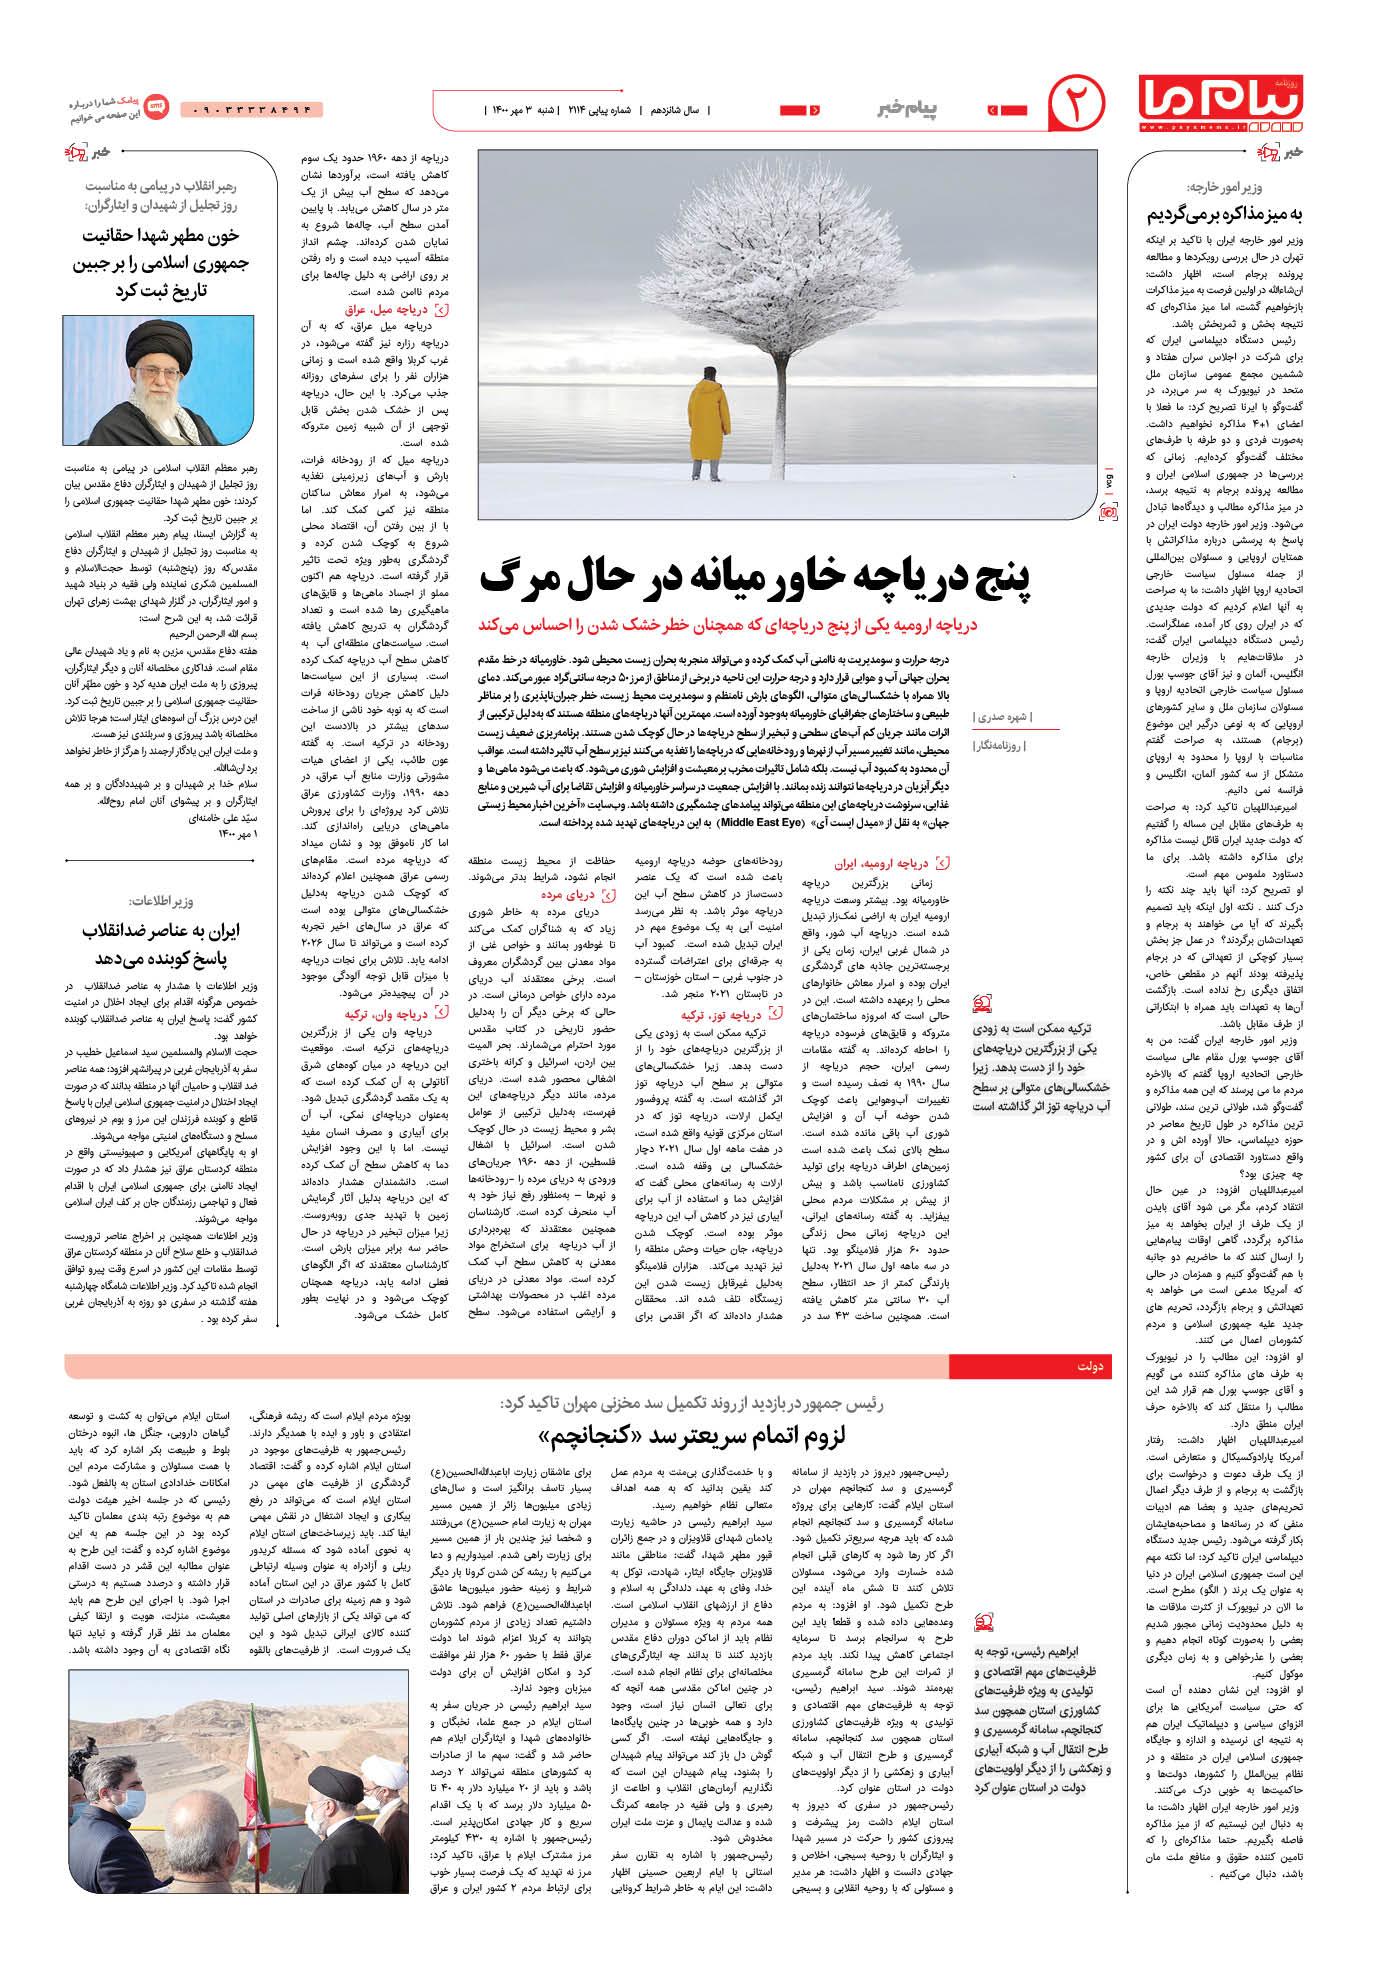 پنج دریاچه خاورمیانه در حال مرگ